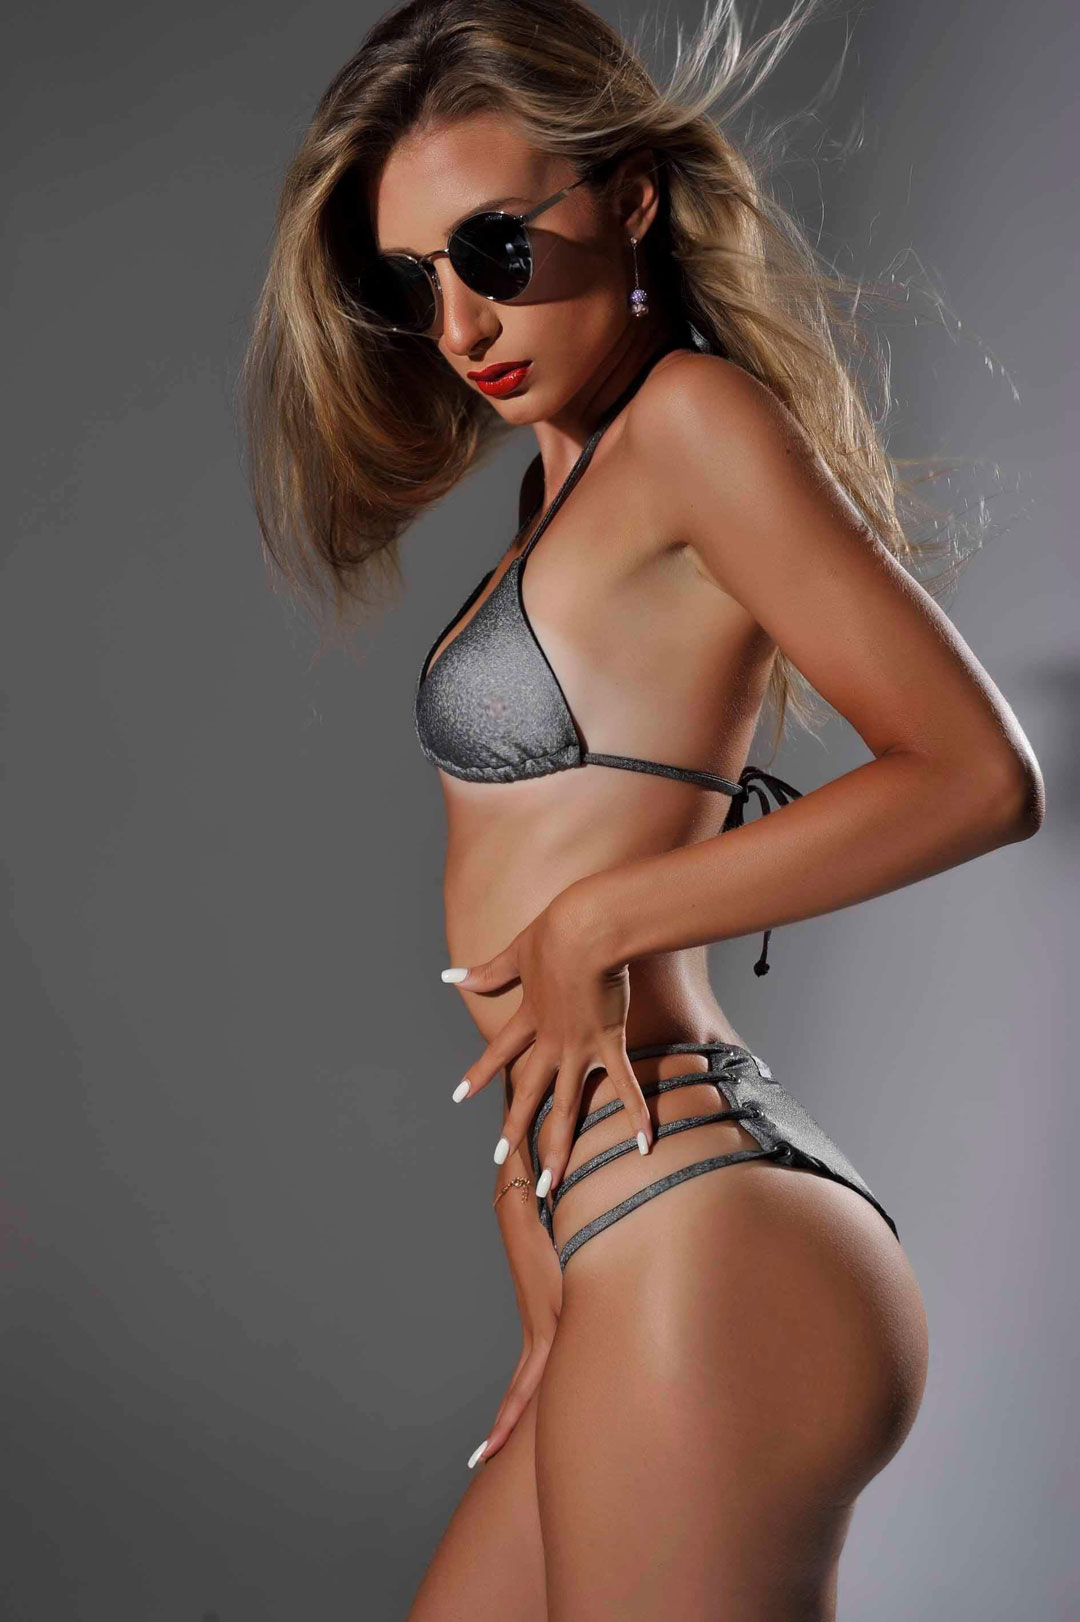 Fabiola Modella - Creative Models - Agenzia Modelle Brescia